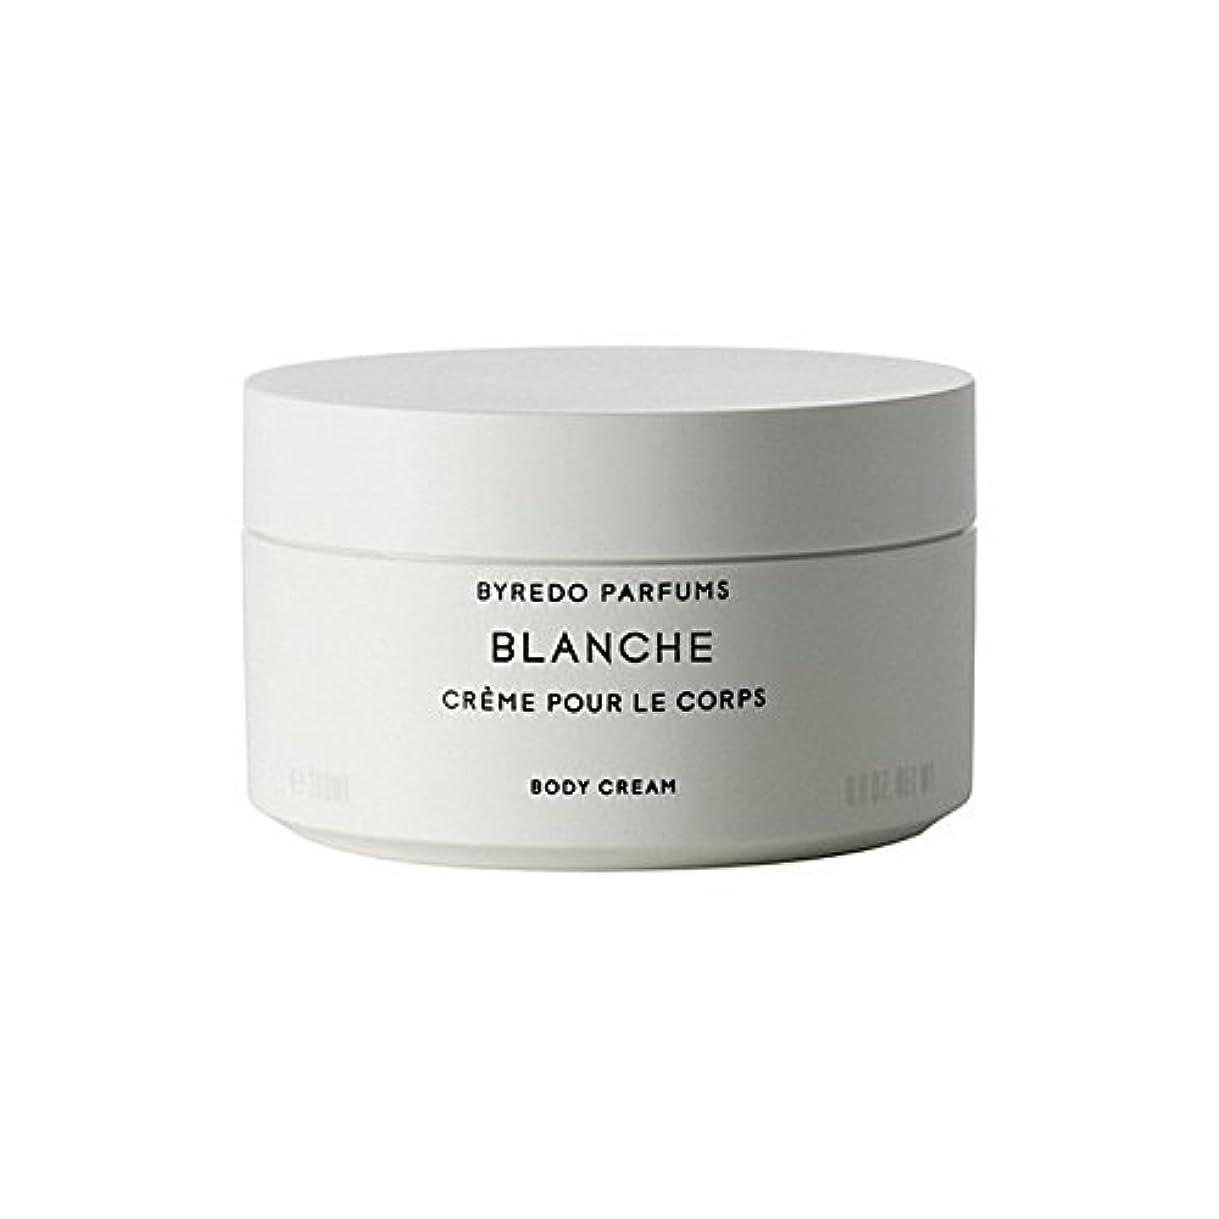 アプローチ市民契約したByredo Blanche Body Cream 200ml (Pack of 6) - ブランシュボディクリーム200ミリリットル x6 [並行輸入品]